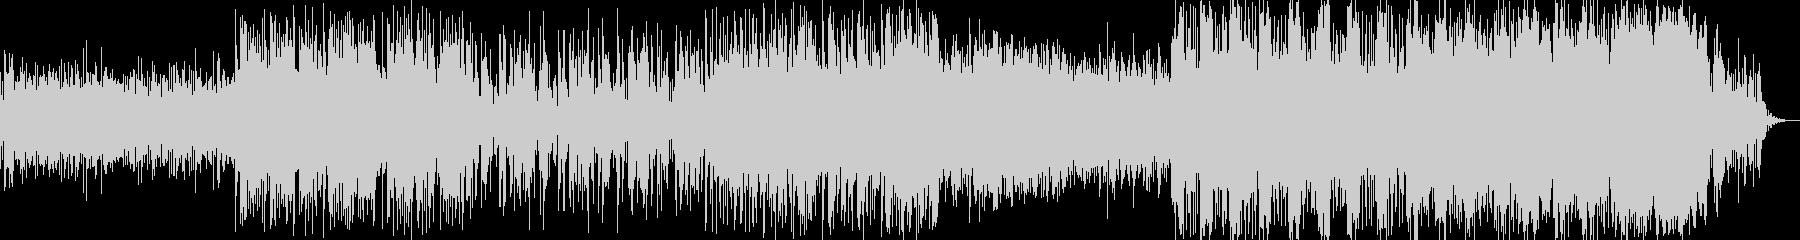 不穏で怪しげな電子サウンドの未再生の波形